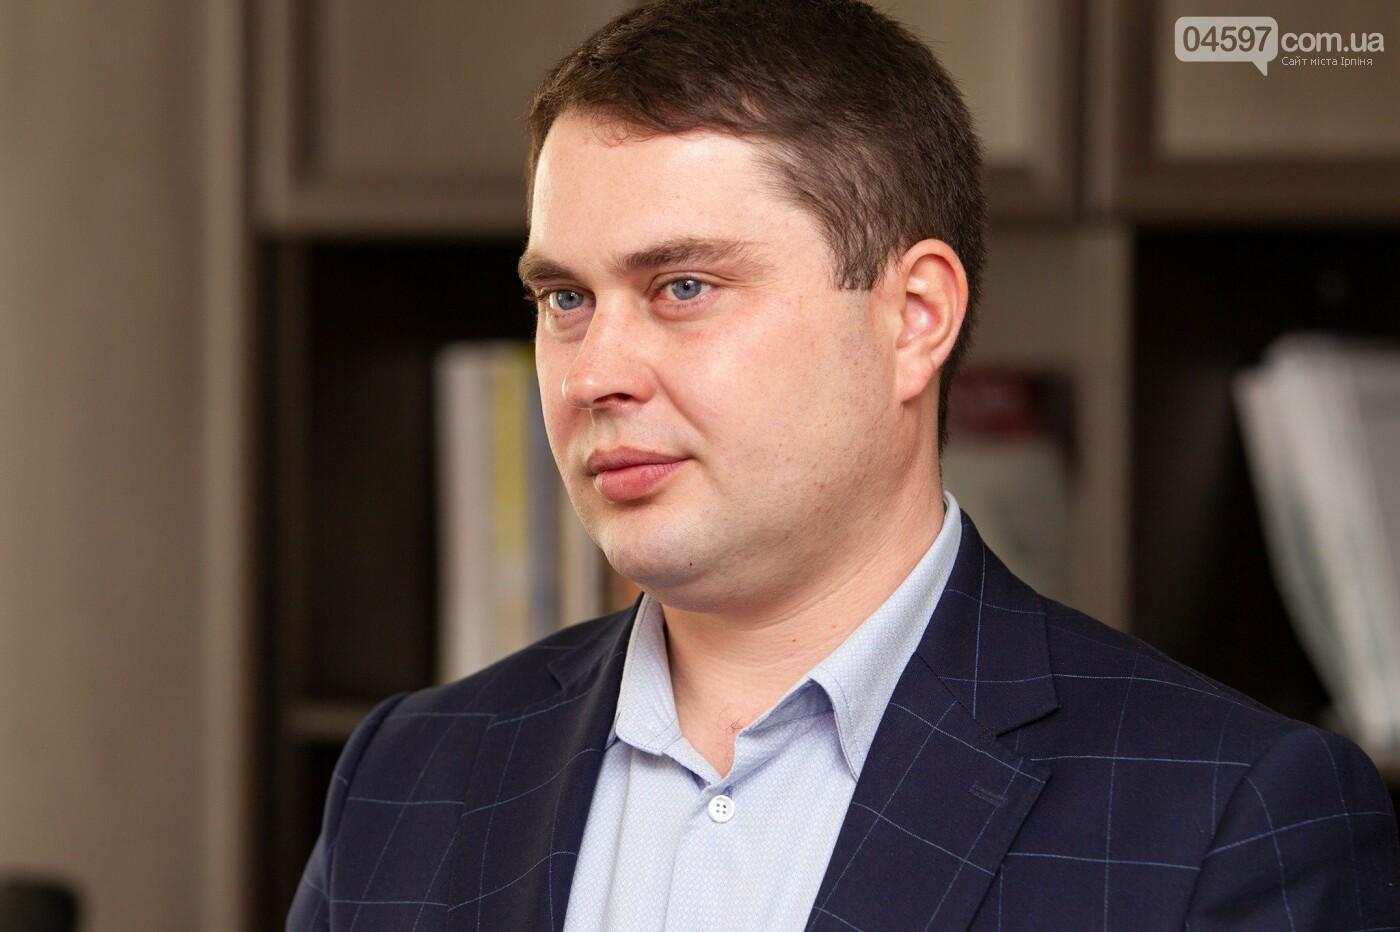 Довгопол: медицина Приірпіння буде найкращою в Україні, фото-1